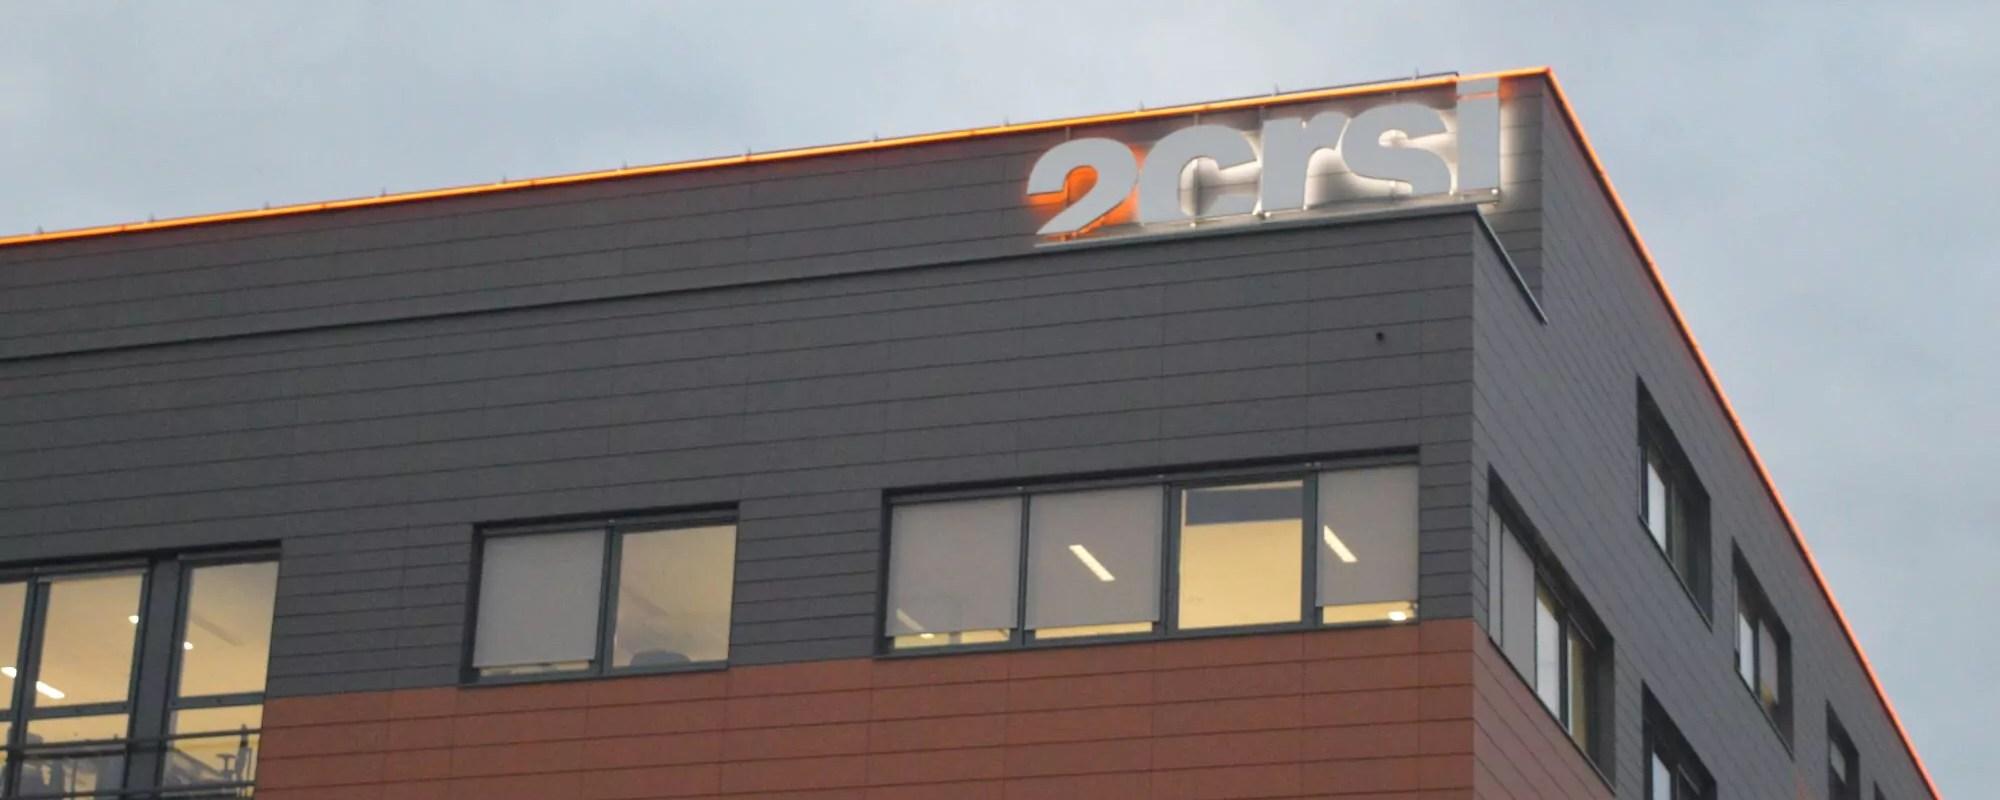 Chez 2CRSI, des salariés «sidérés par la brutalité de leur direction»